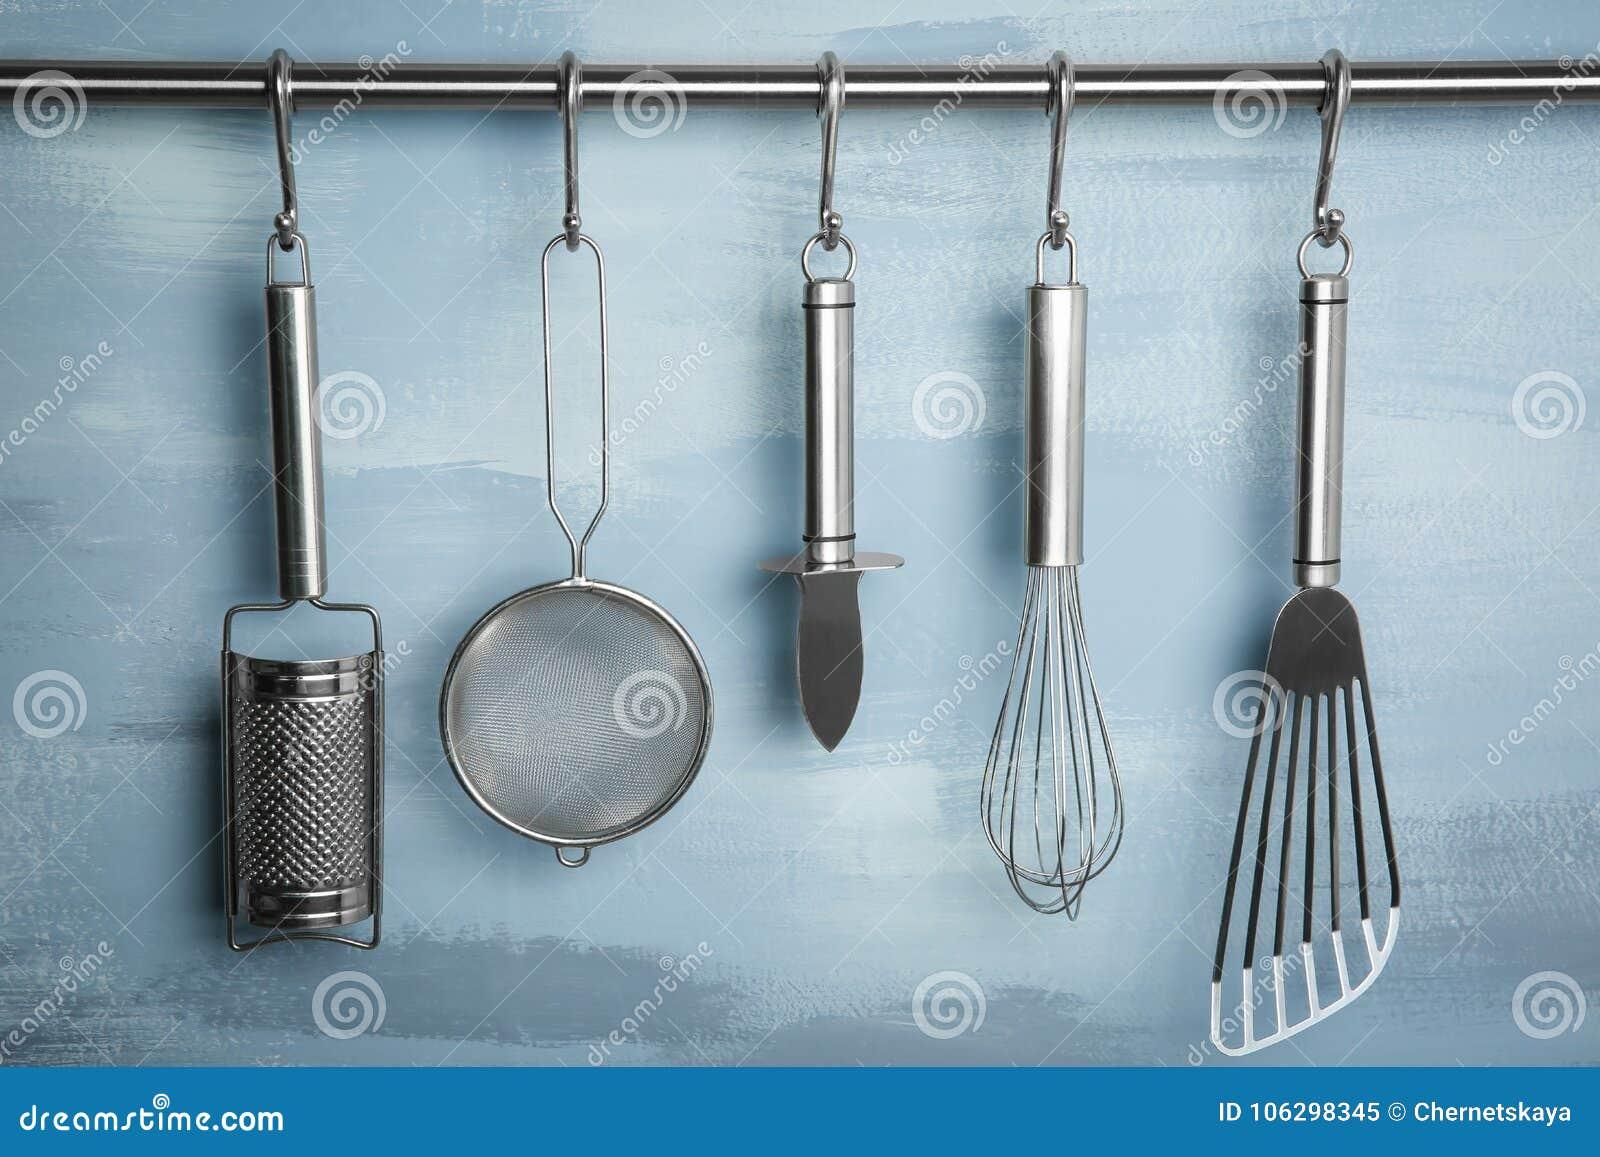 Metal Kitchen Utensils Hanging On Rack Stock Image - Image of ...